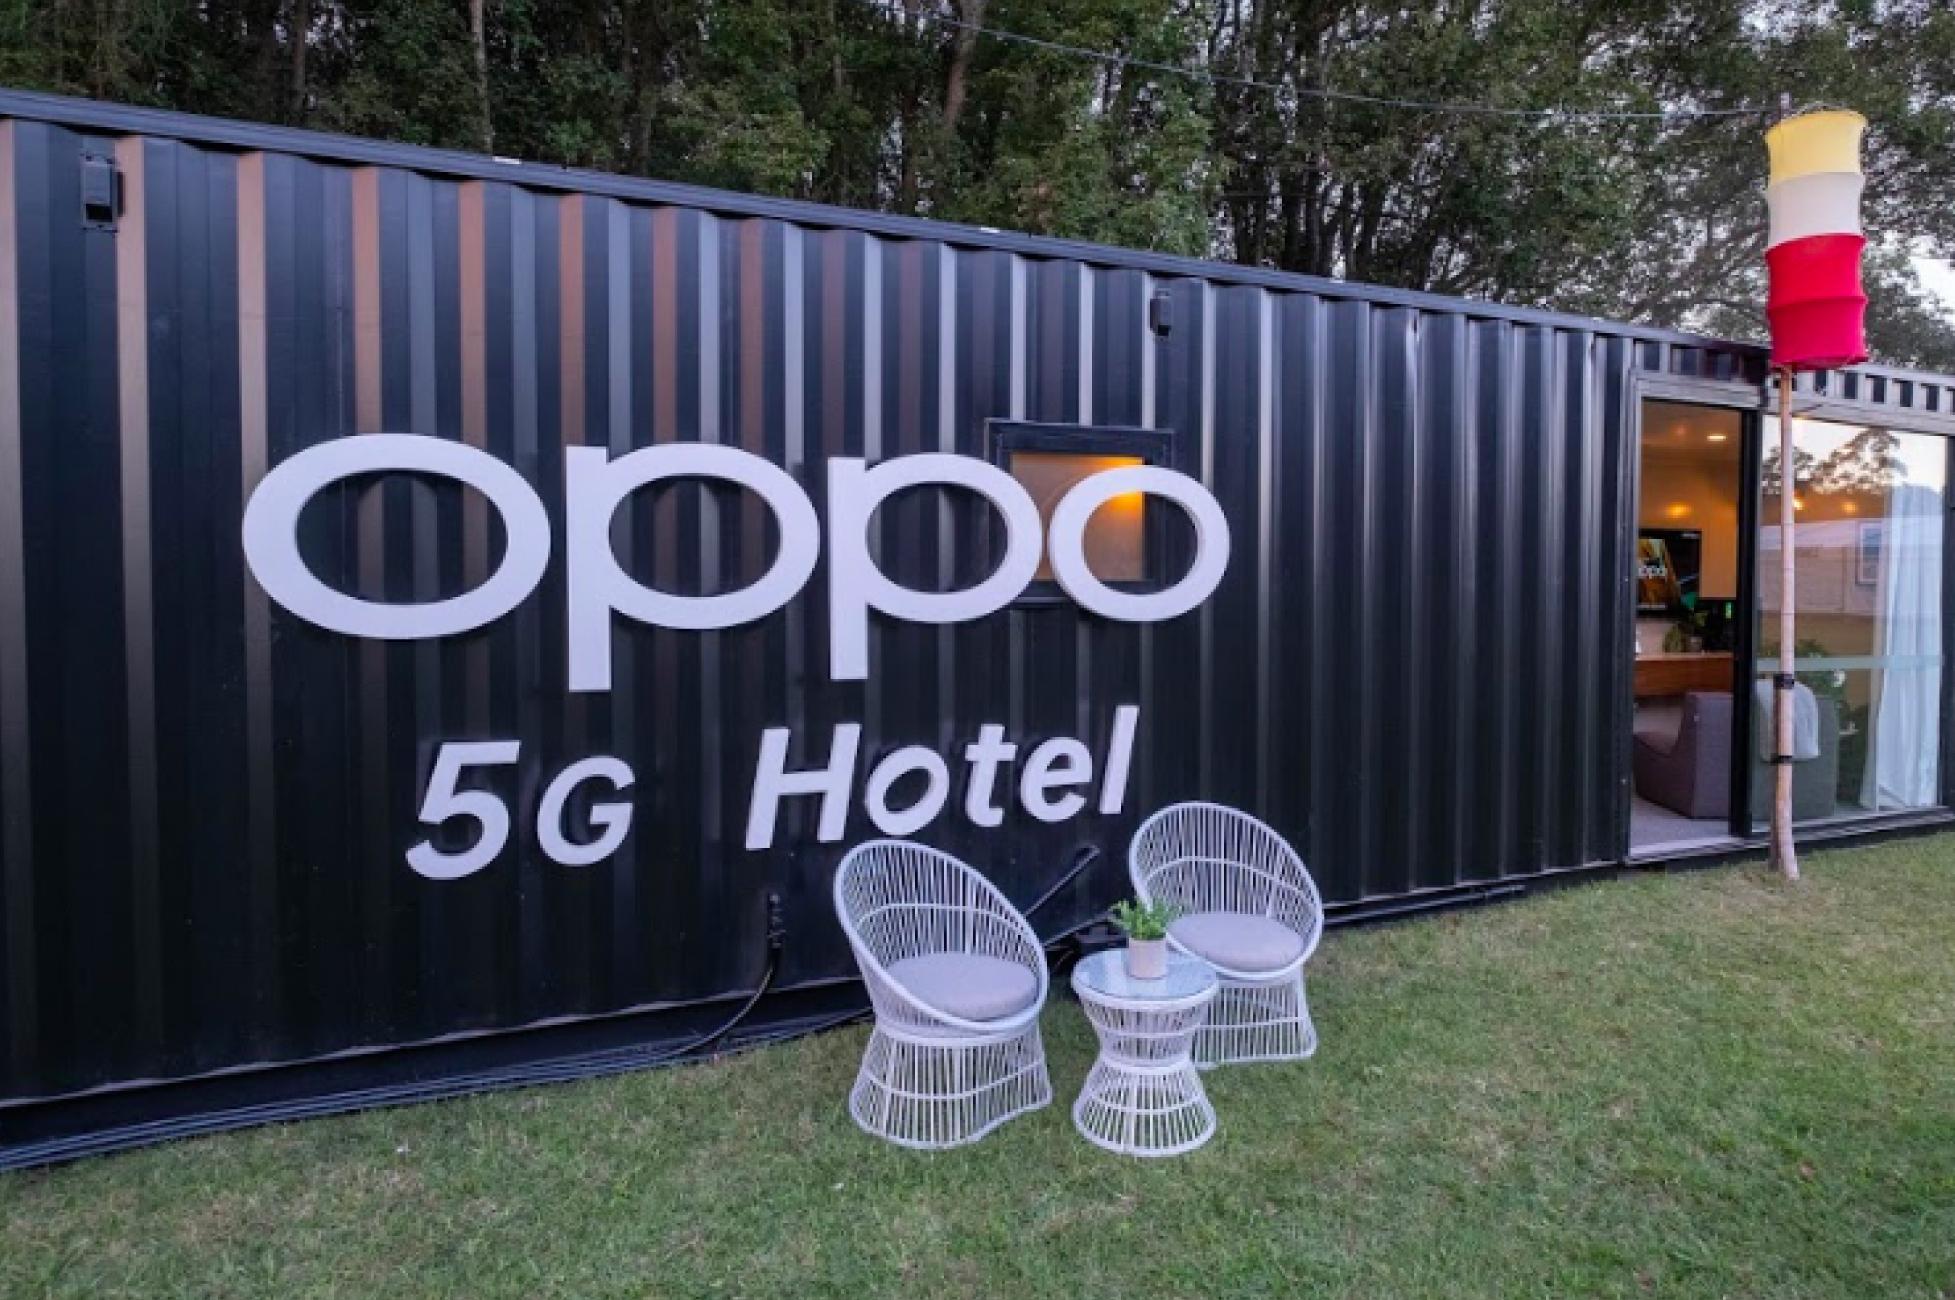 世界初の移動式5Gホテルがオーストラリアに誕生